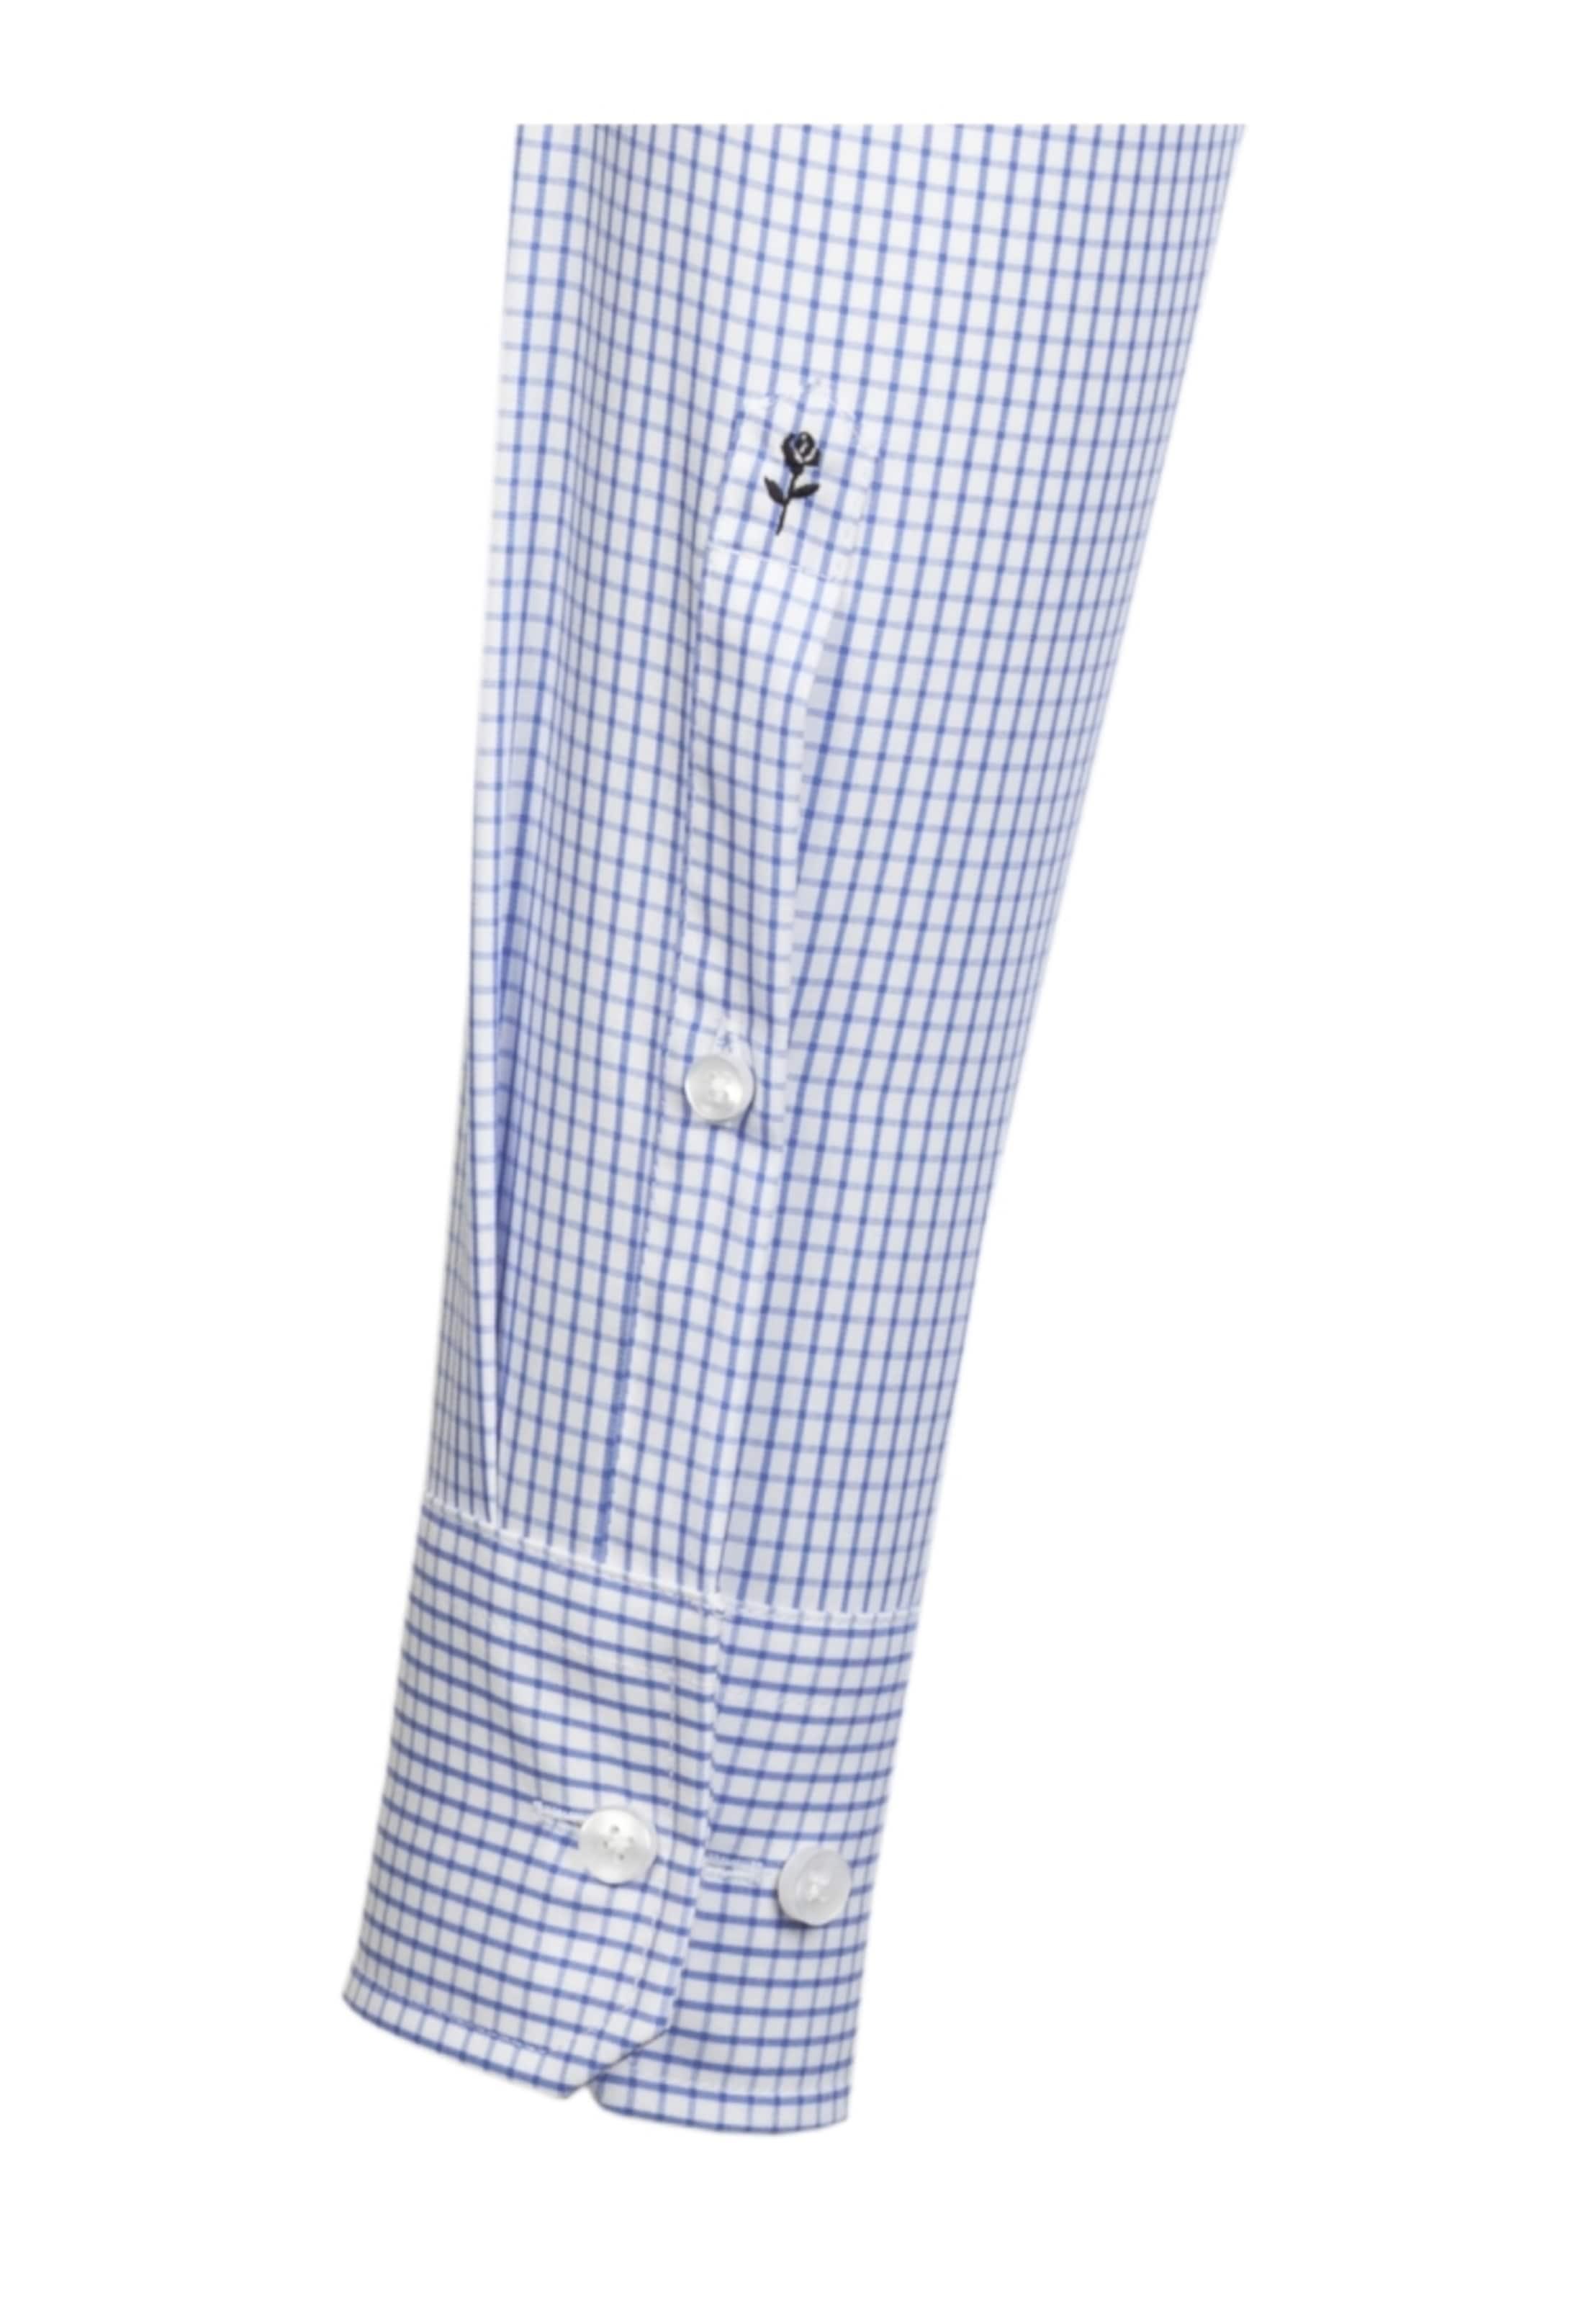 SEIDENSTICKER City-Hemd 'Modern' Auslass Niedrigen Preis Versandgebühr Rabatt-Codes Spielraum Store Discounter Niedriger Preis Günstiger Preis cdCFTCmm9